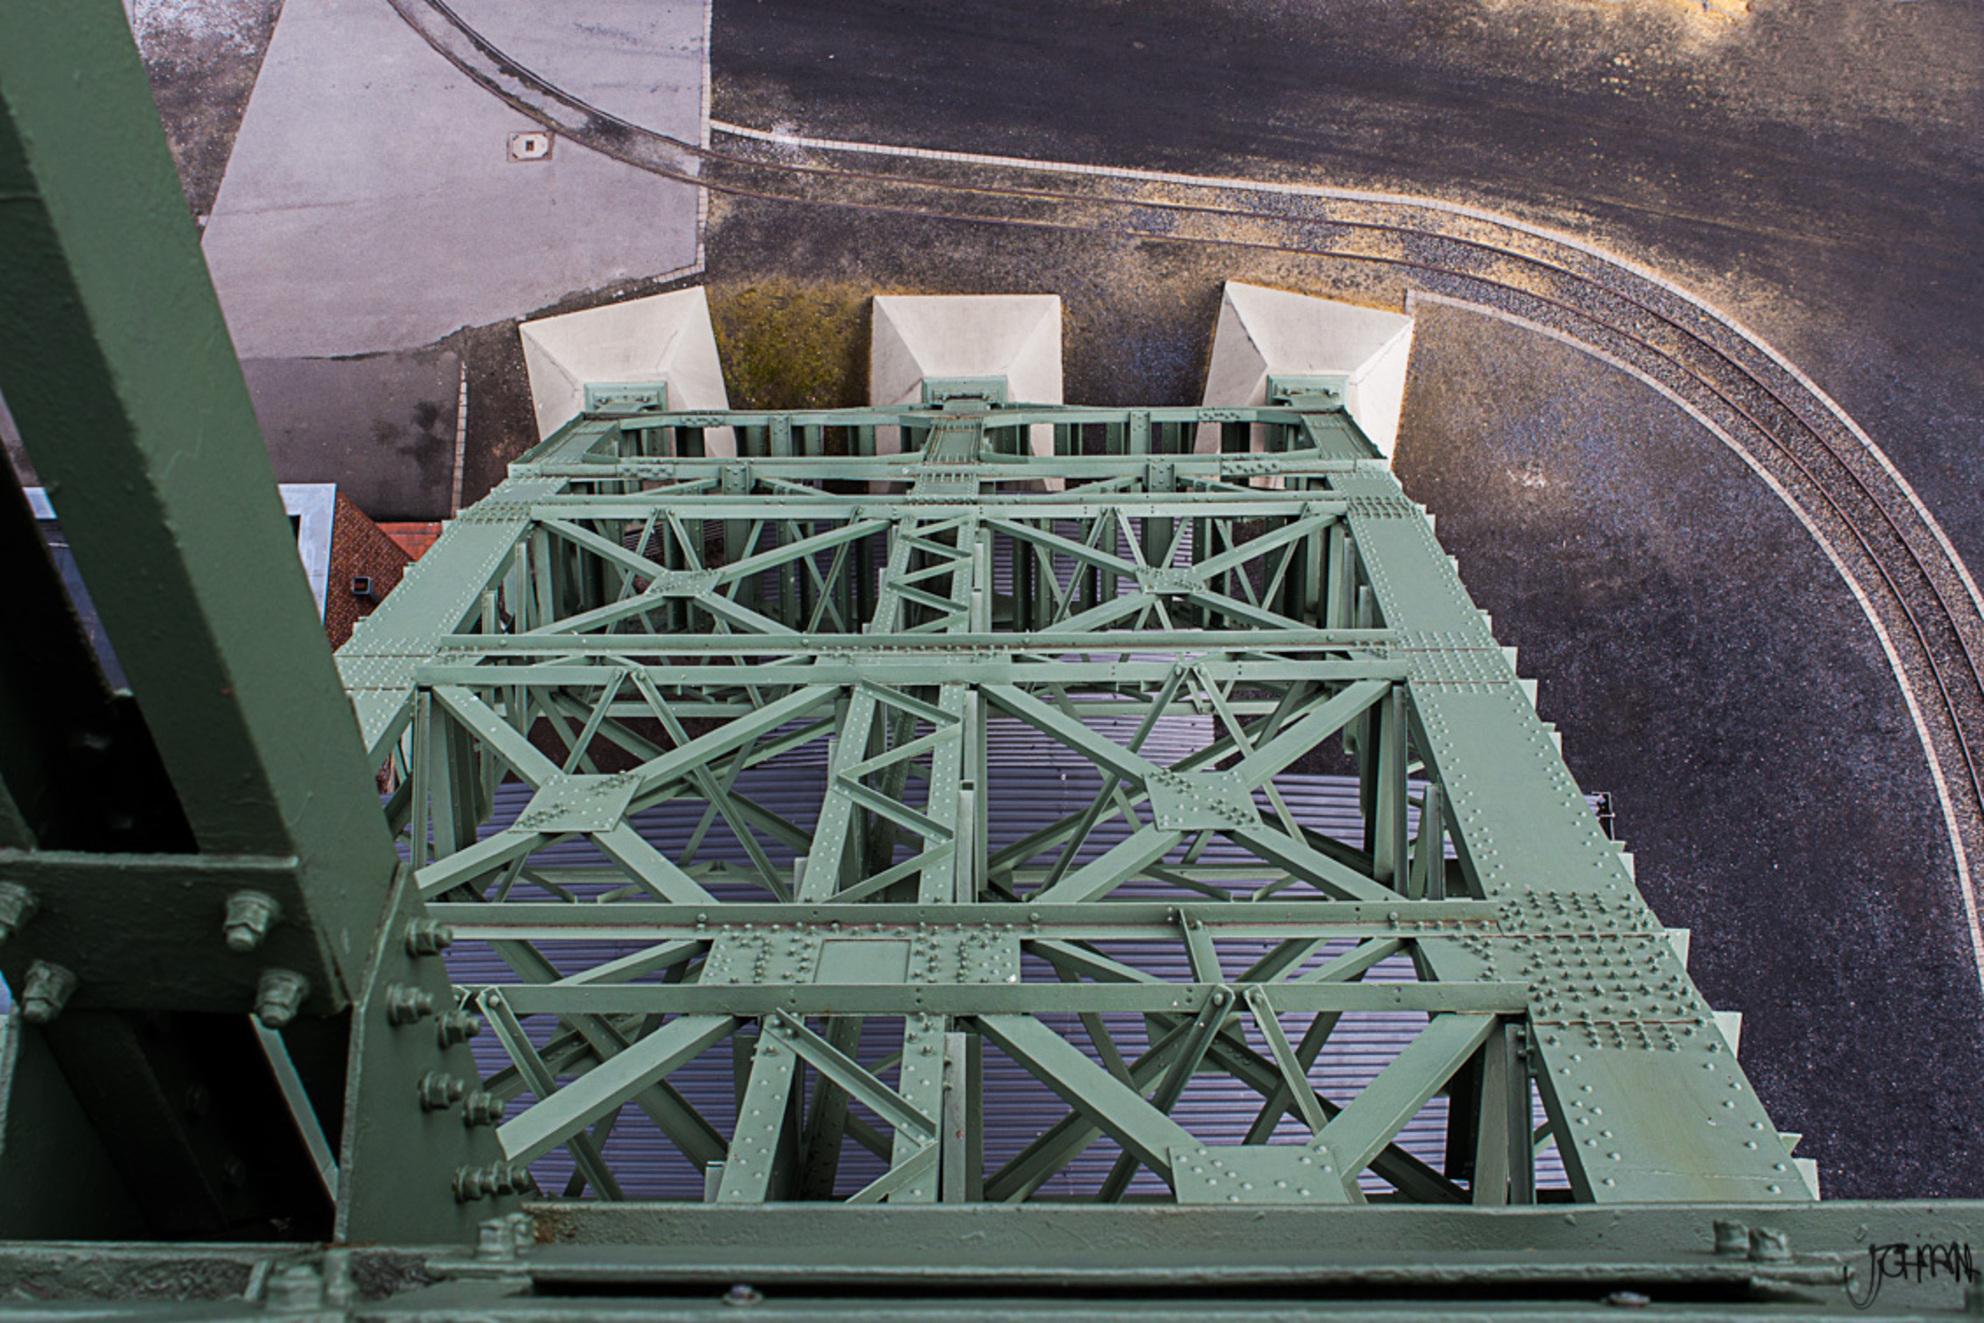 Upside Down - Zeche Zollern, Duitsland  Deel van de staalconstructie van de mijnschachttoren. - foto door oostindienjp op 20-04-2013 - deze foto bevat: toren, mijn, duitsland, down, mijnschacht, staalconstructie, upside, Zeche Zollern